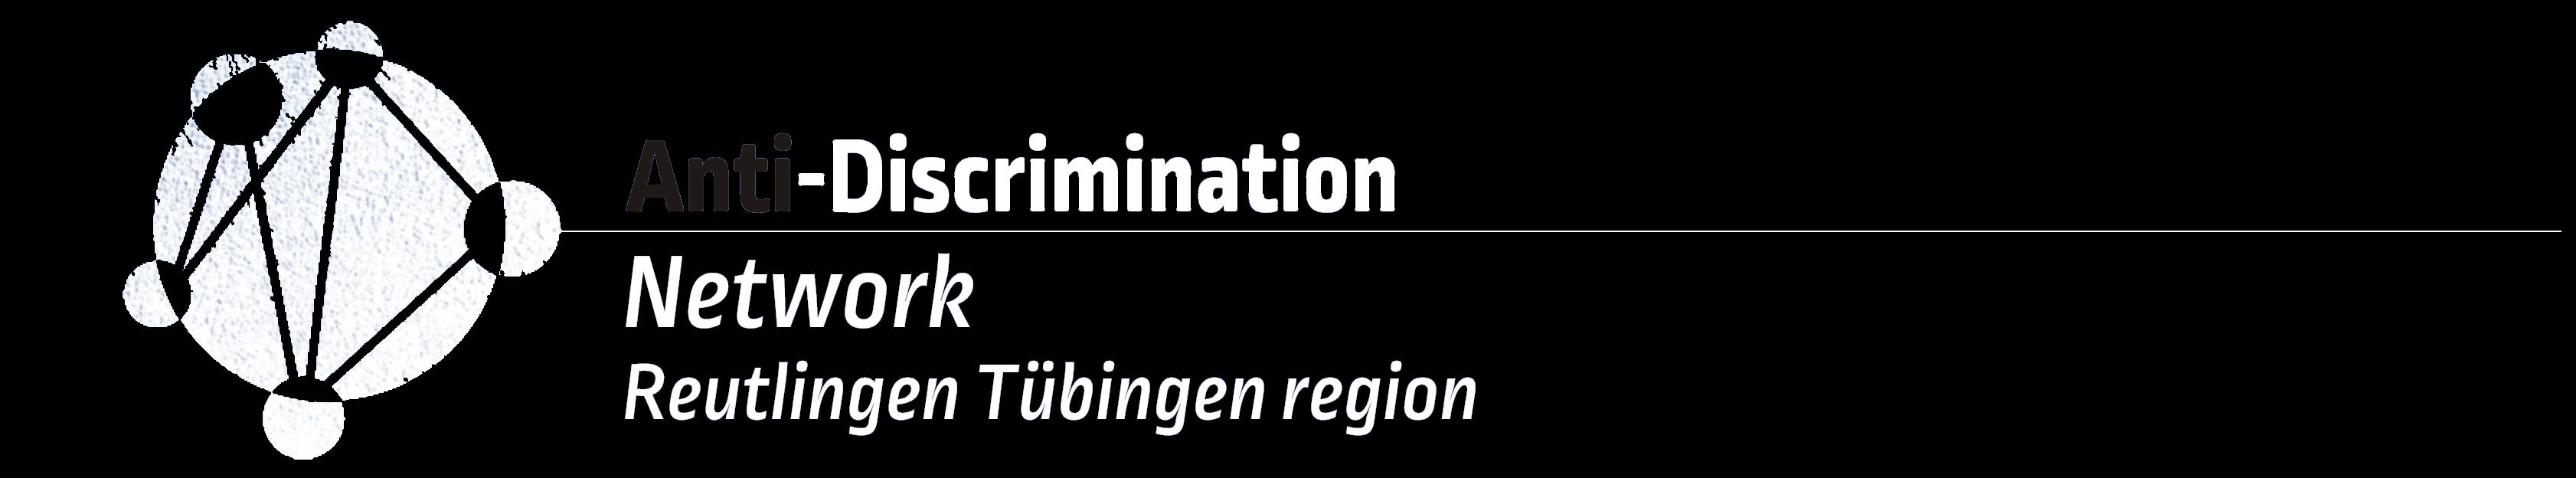 Anti-Discrimination Network